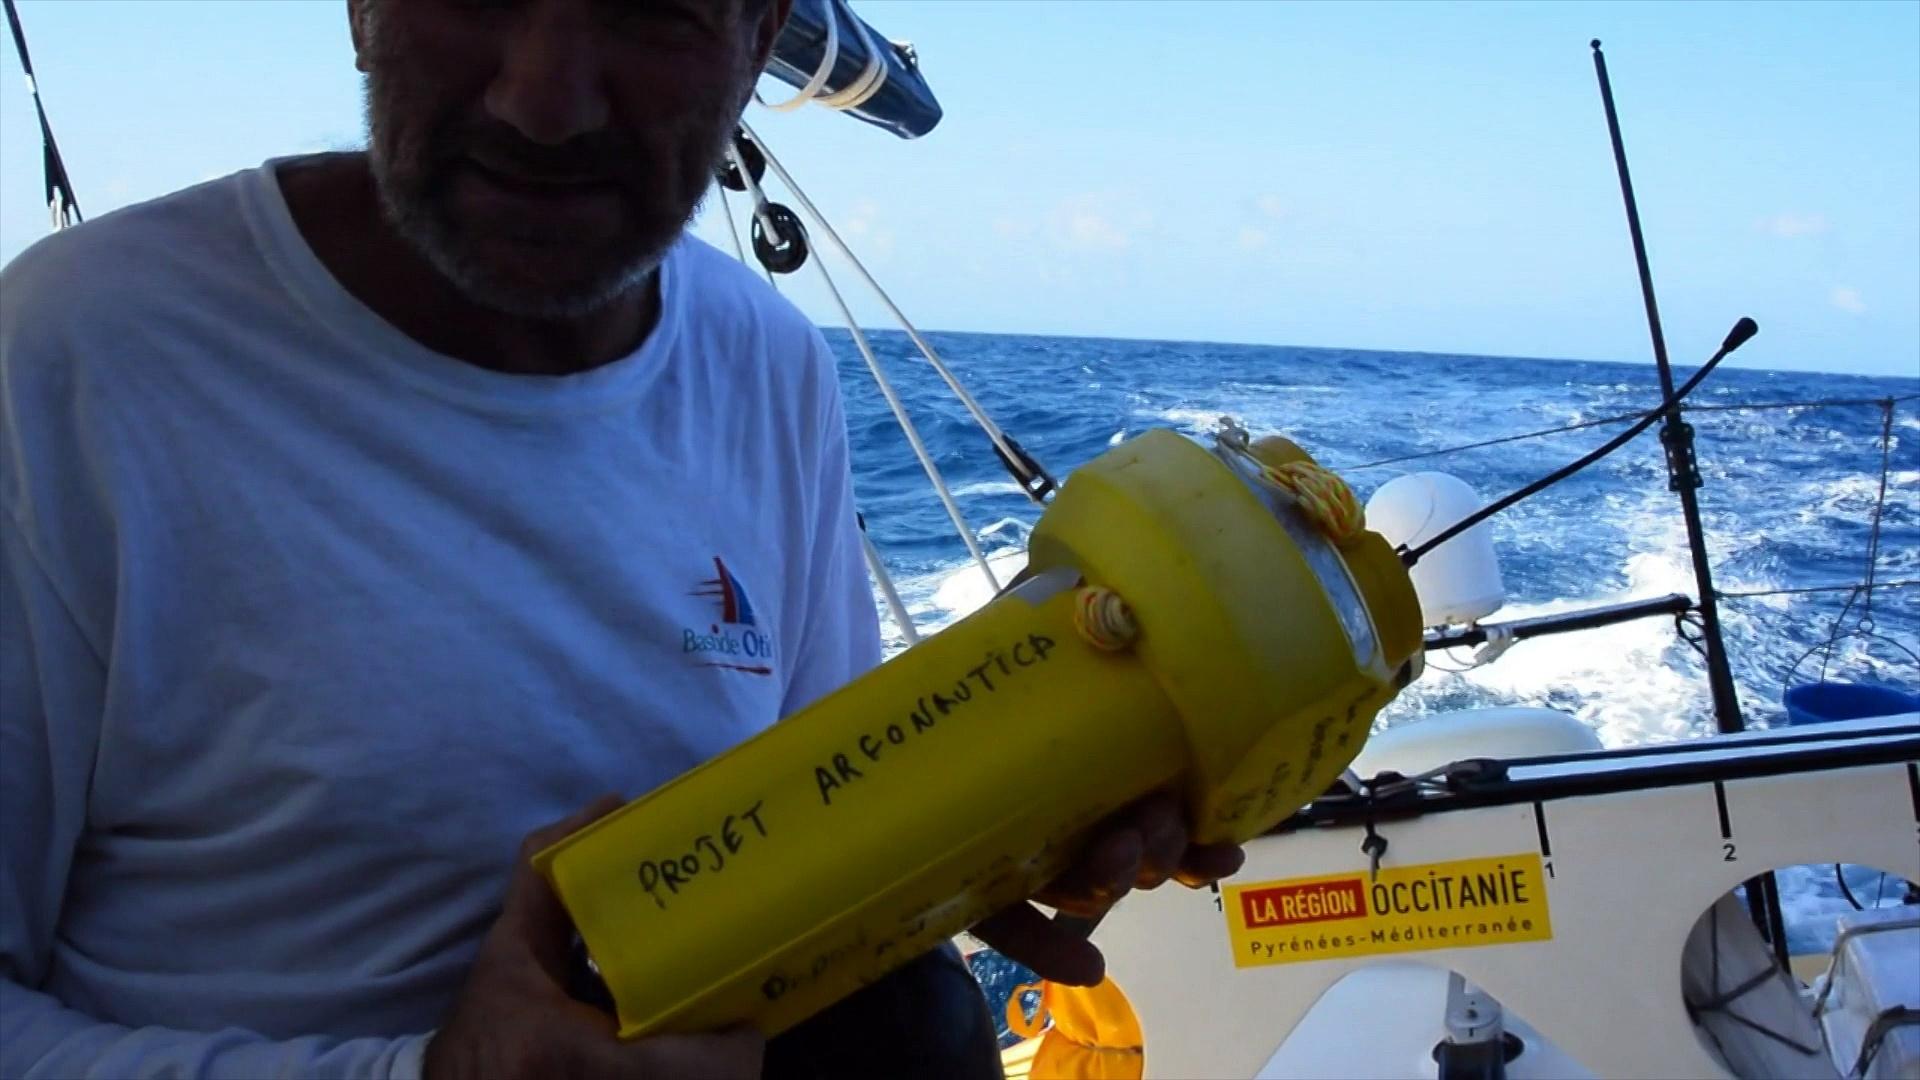 J12 : Kito de Pavant jette une balise à la mer / Vendée Globe